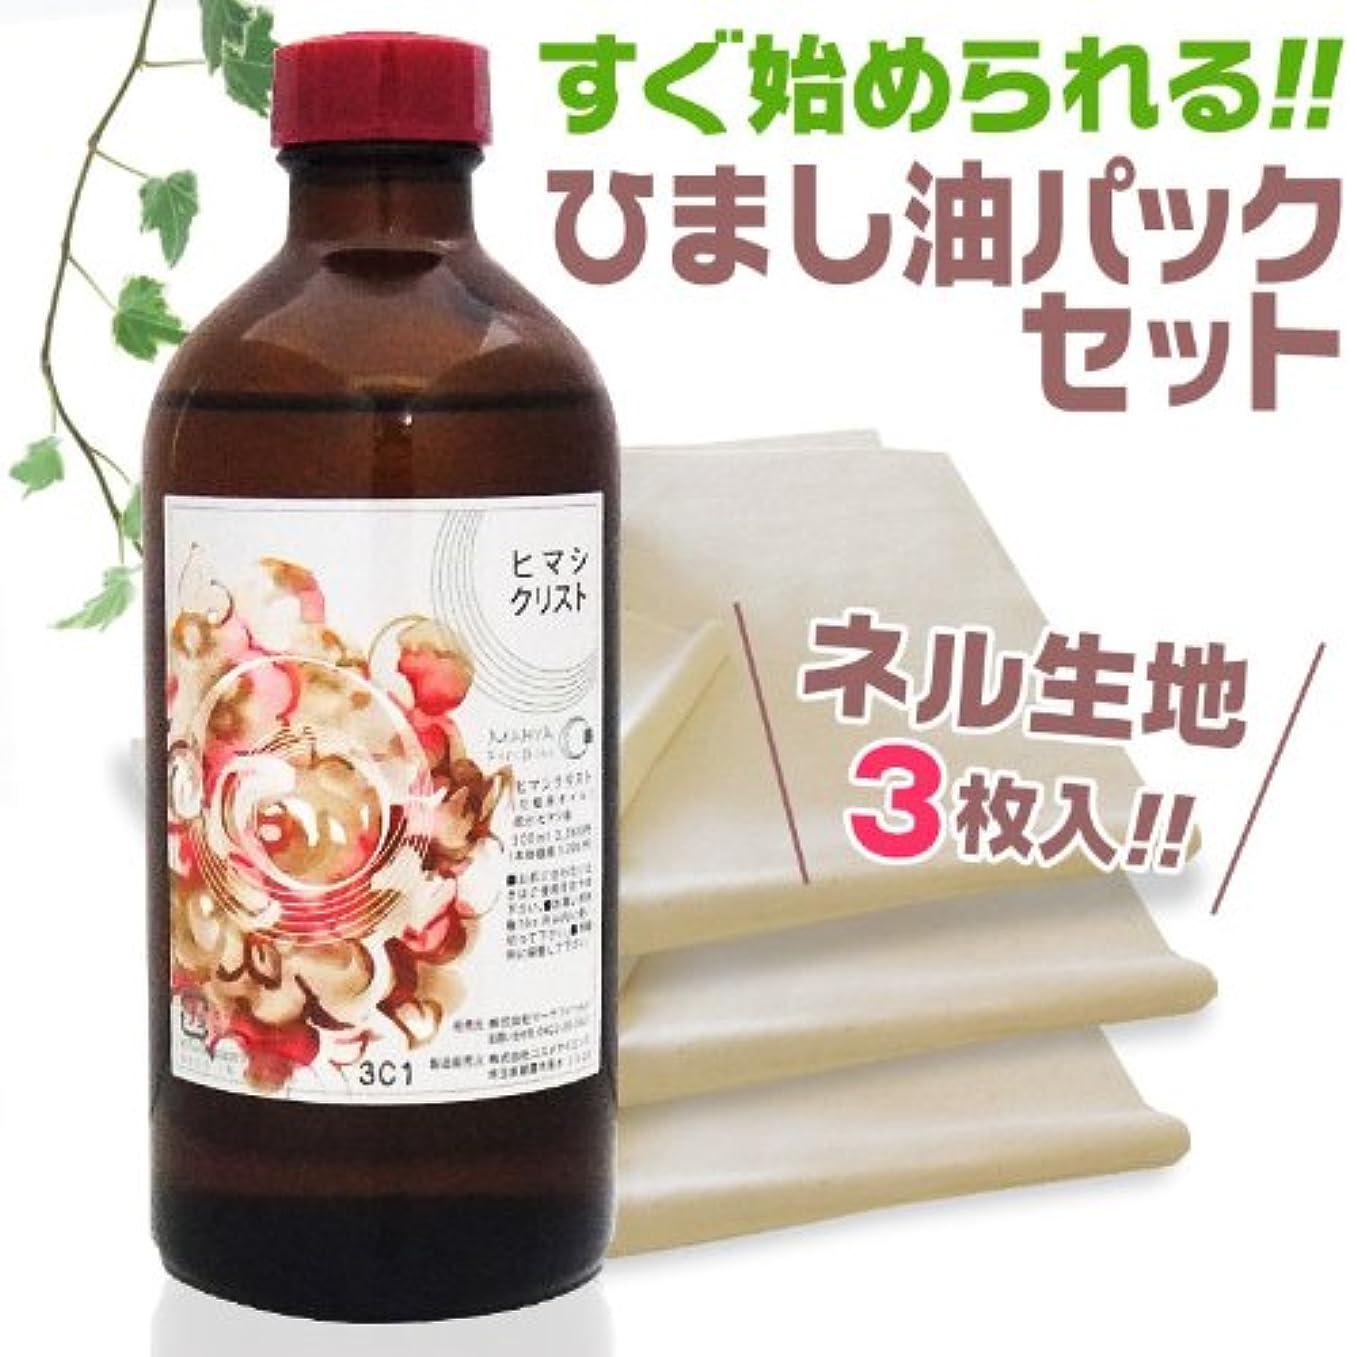 微弱恐ろしいですグリルヒマシ油パックセット[ヒマシ油300ml、コットン3枚] (ヒマシ油湿布、ひましパック)